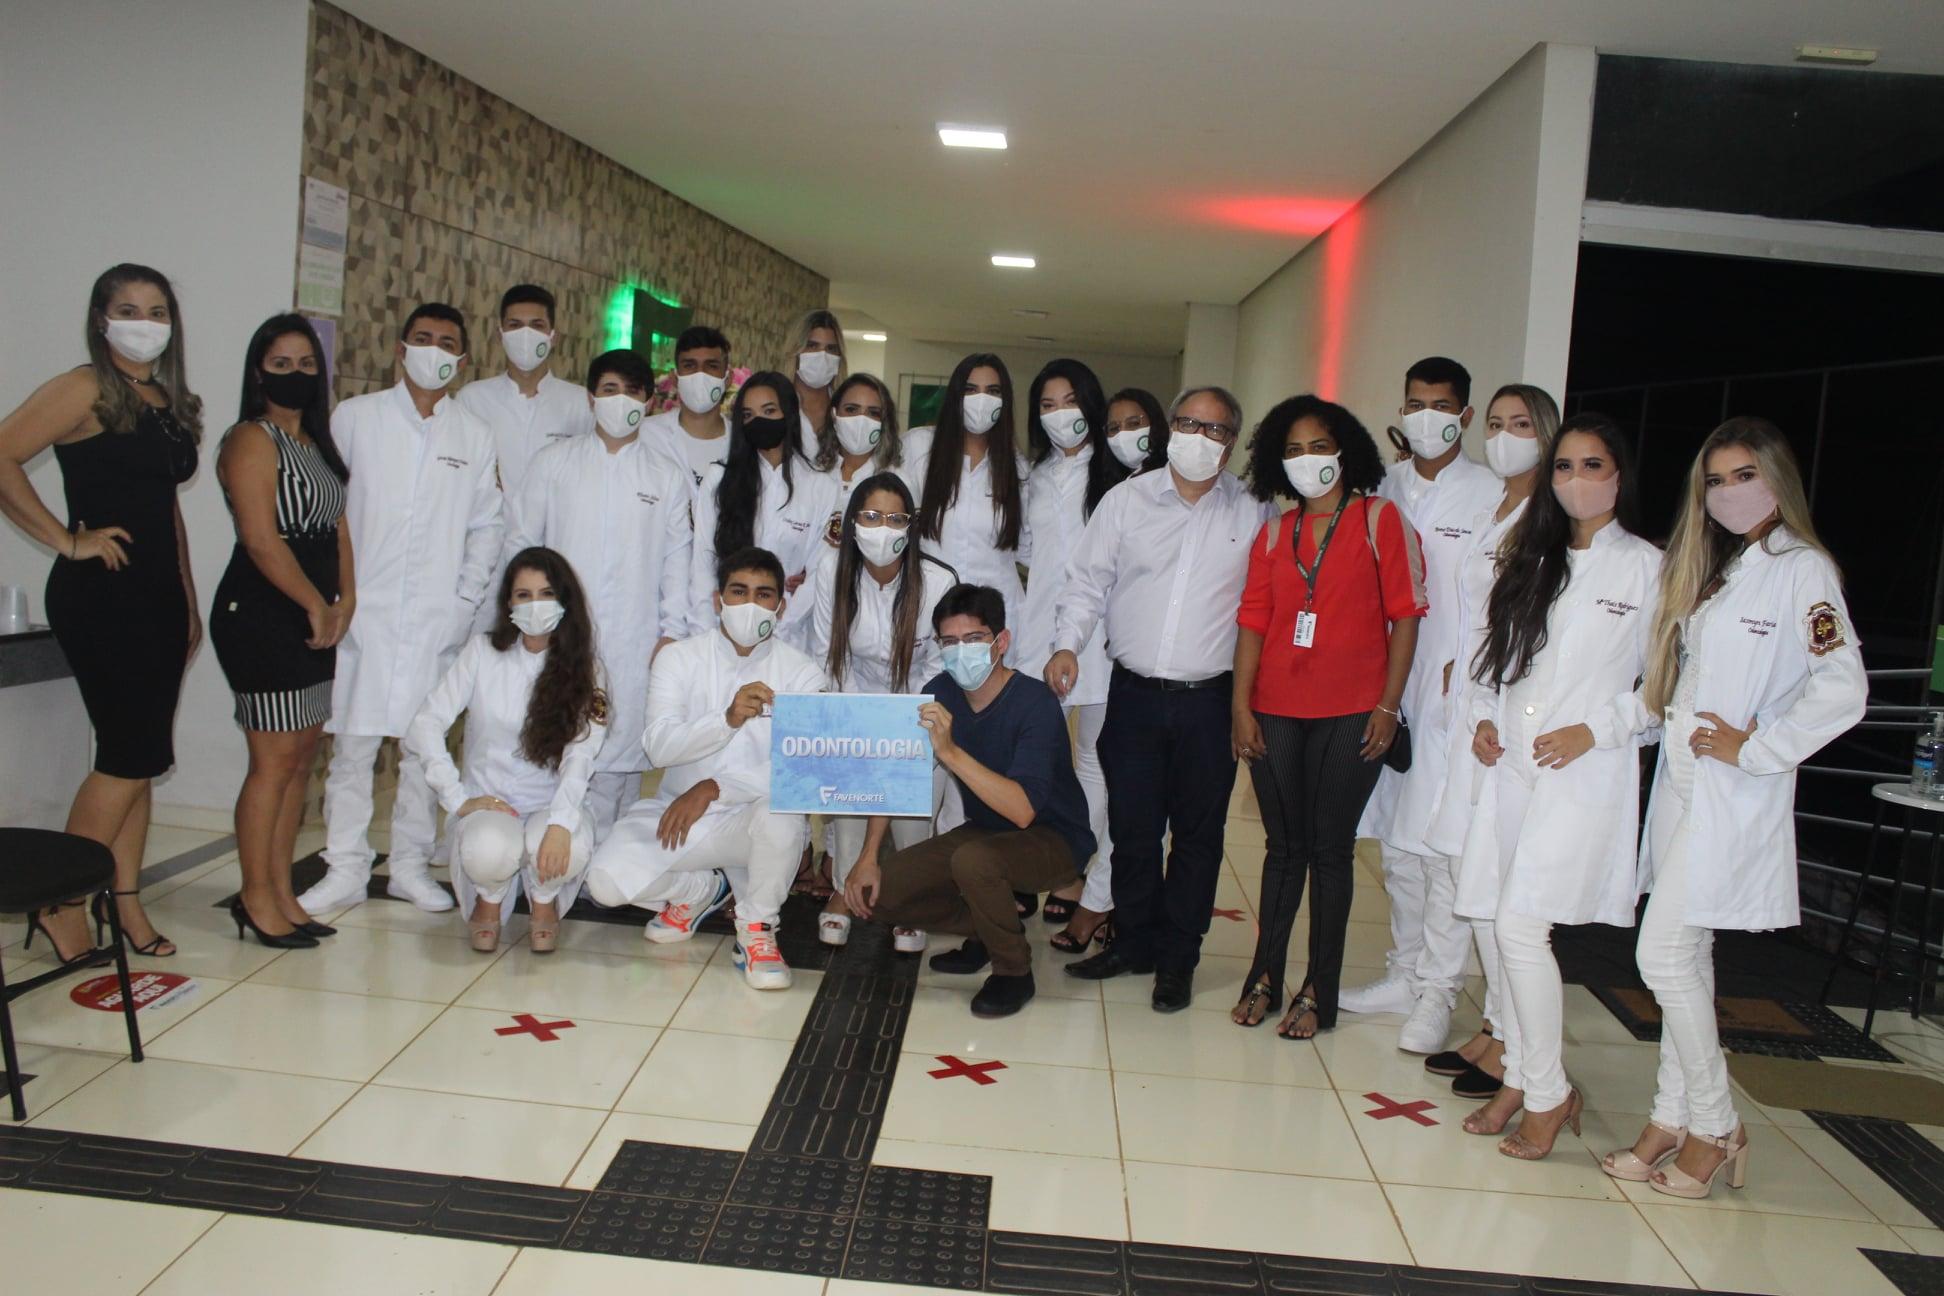 Cerimônia do Jaleco da Turma V de Odontologia da Favenorte